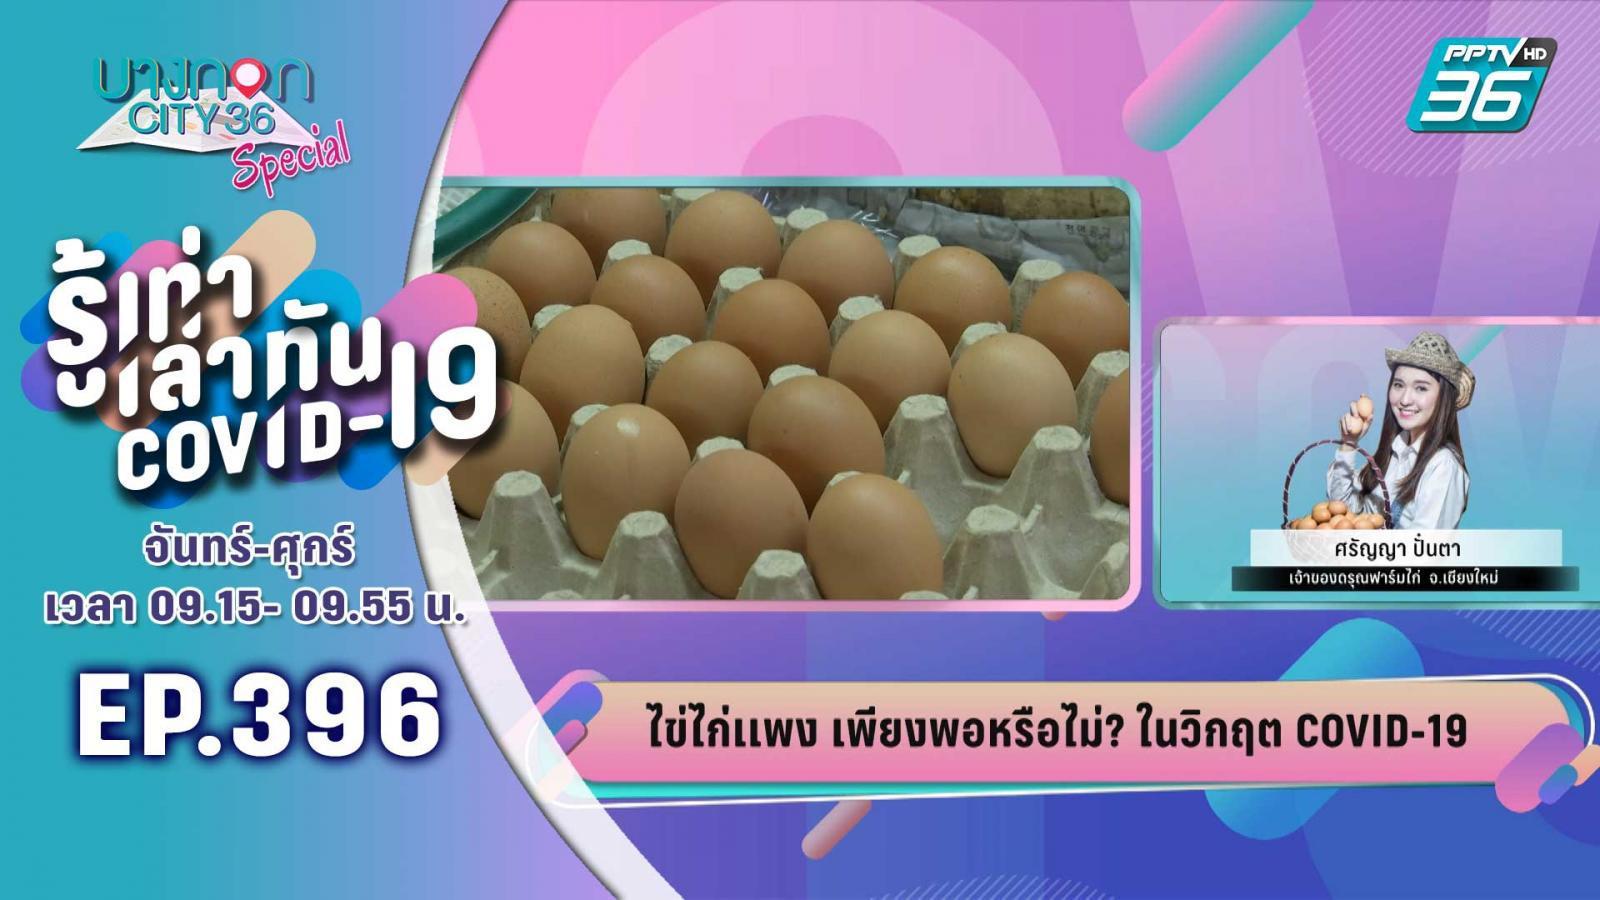 ไข่ไก่แพง เพียงพอหรือไม่? ในวิกฤต COVID-19